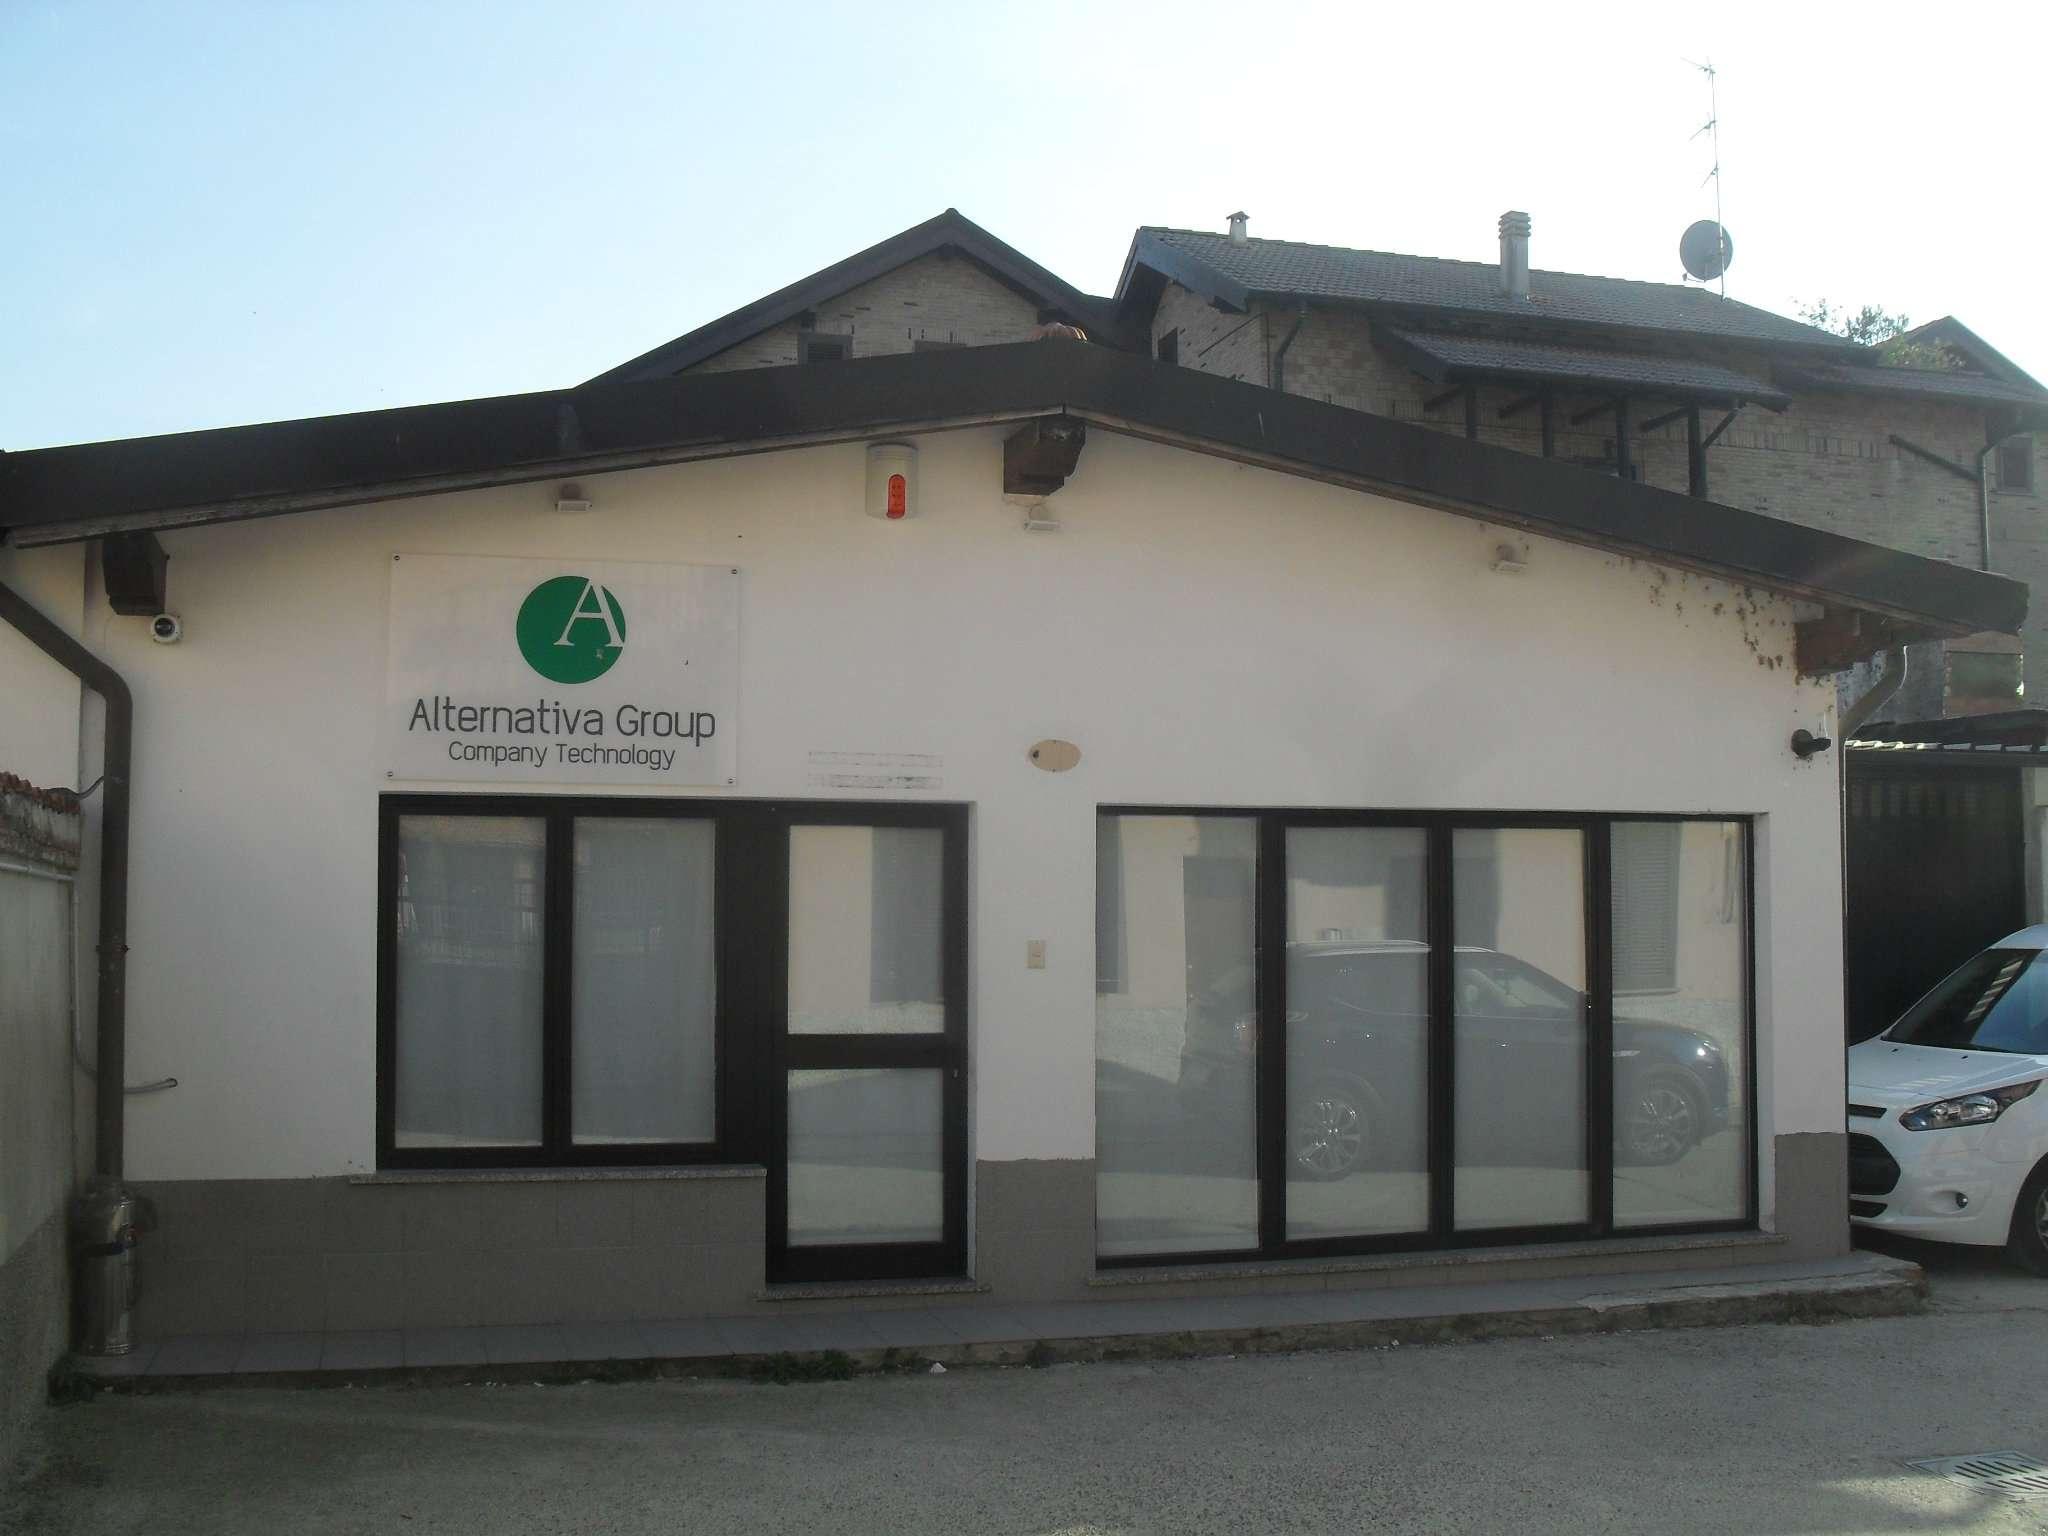 Ufficio / Studio in affitto a Nova Milanese, 2 locali, prezzo € 750 | CambioCasa.it